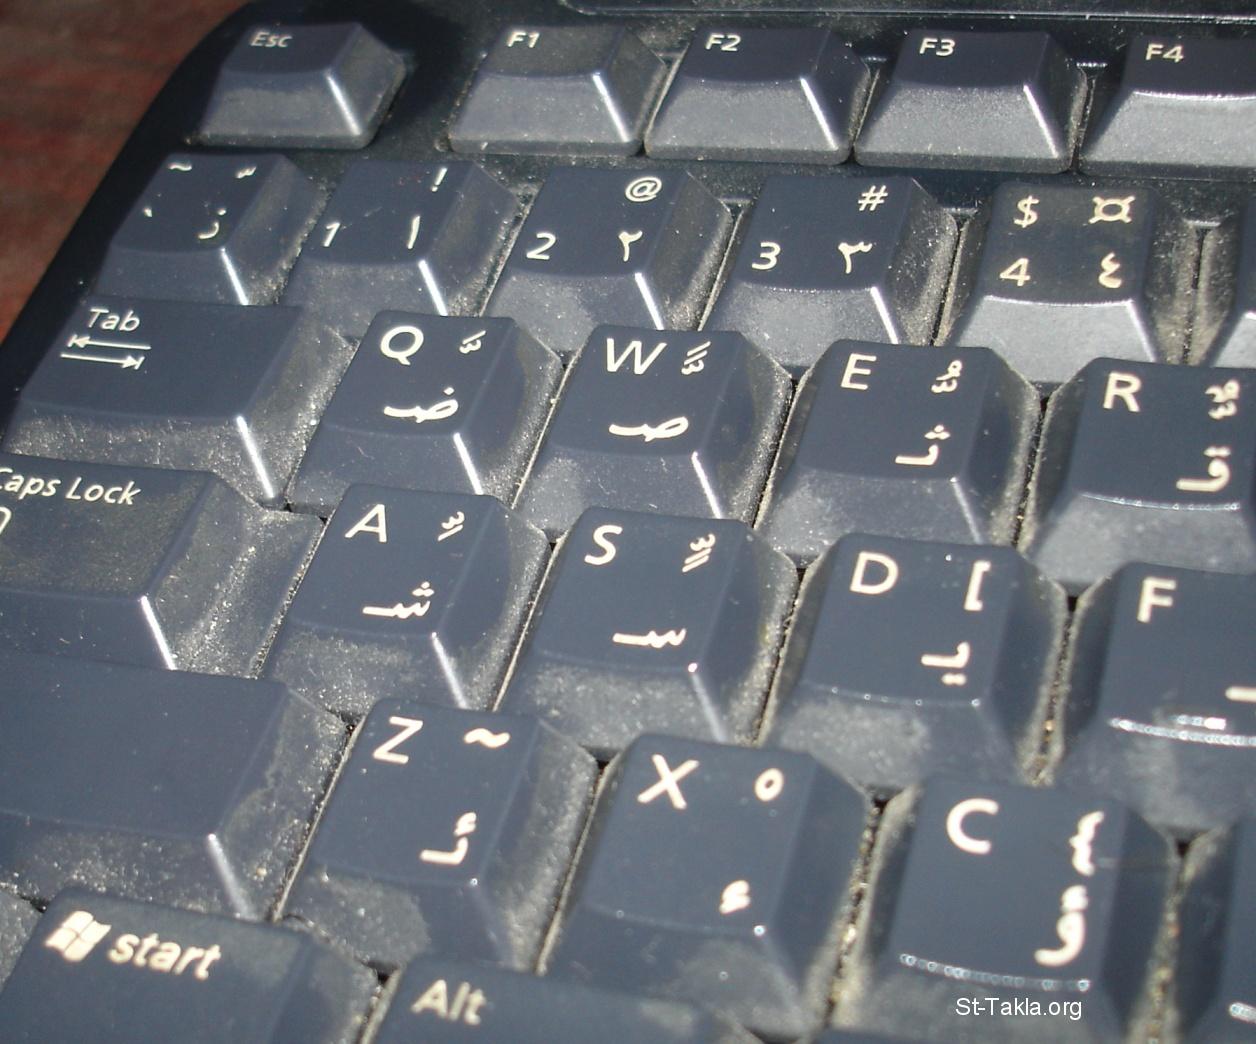 لوحة المفاتيح البلاستيكية المتكاملة الحاسوب الصناعية بنيت مع مفتاح نمط  المحمول وكرة التتبع